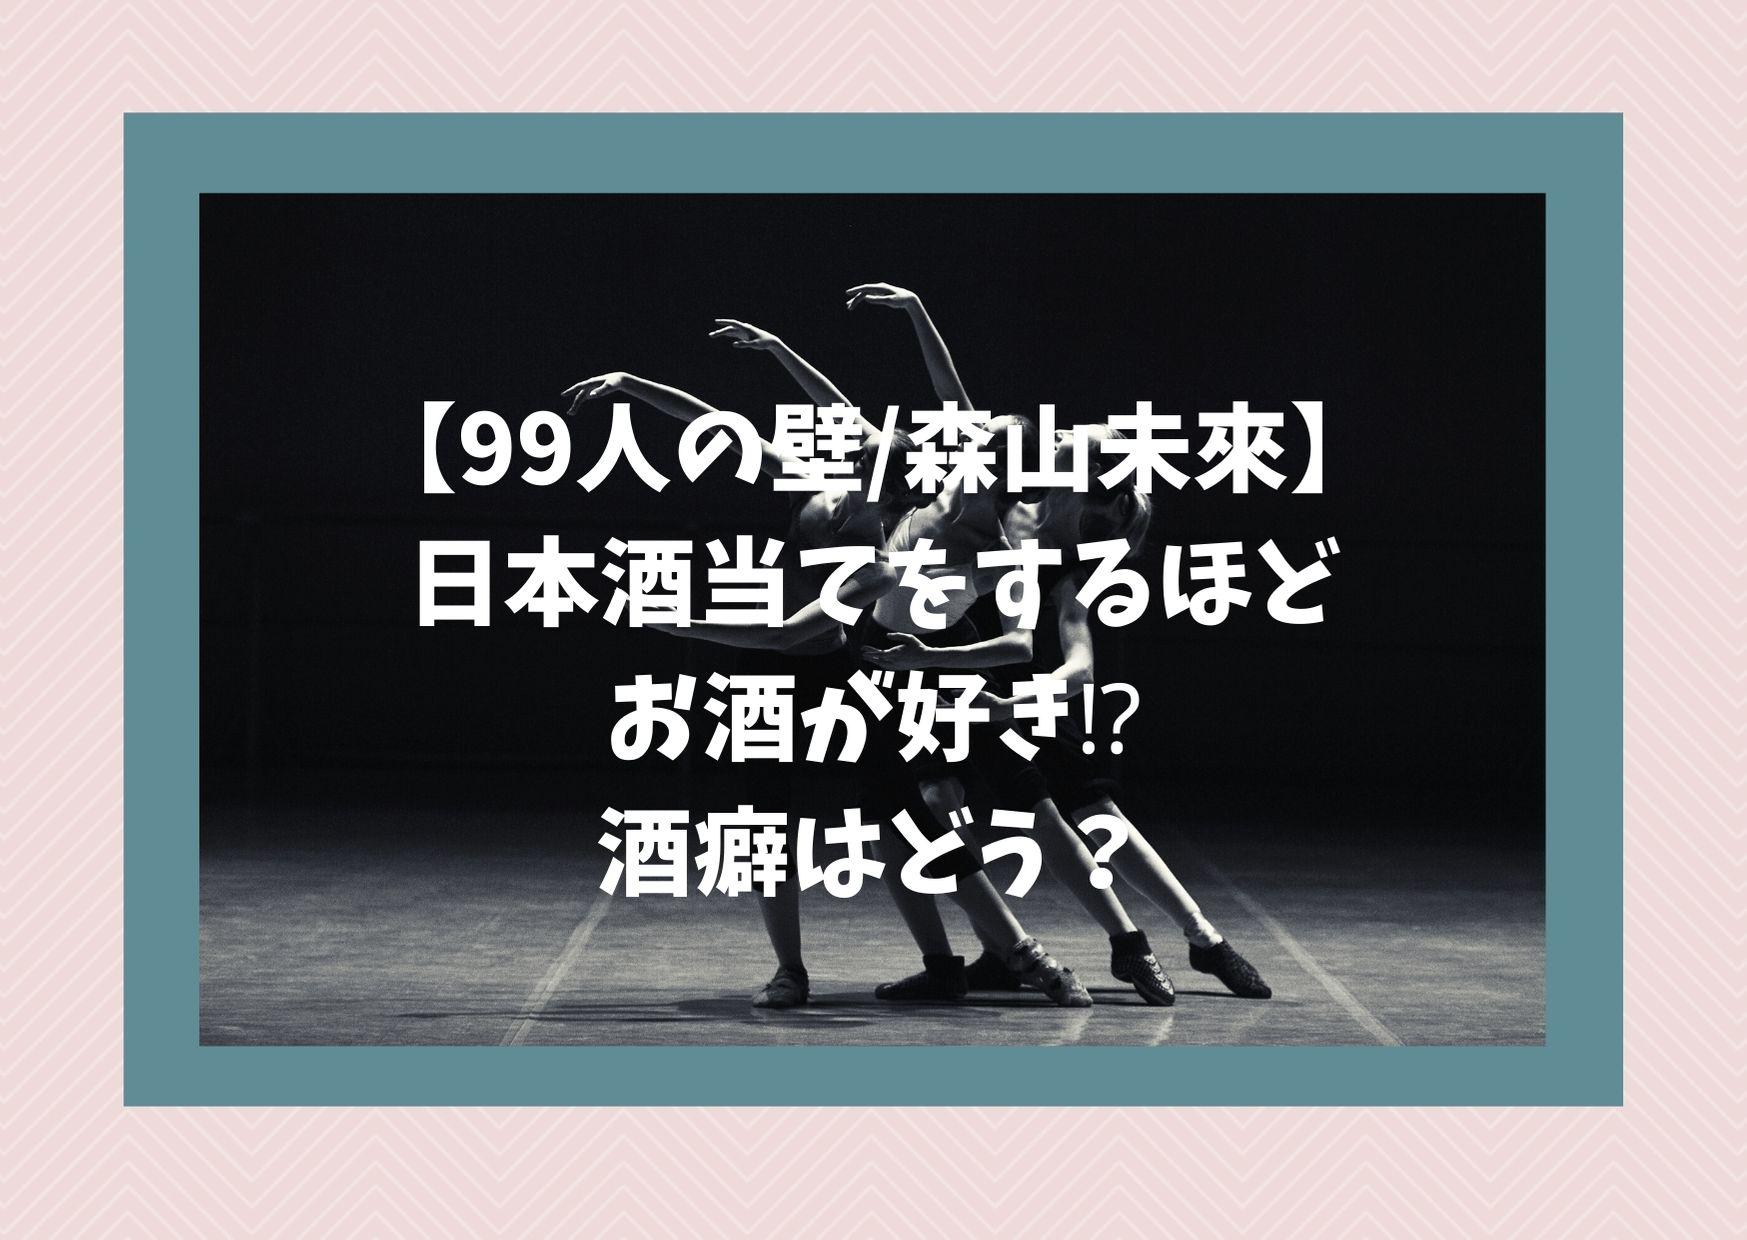 【99人の壁/森山未來】日本酒当てをするほどお酒が好き⁉酒癖はどう?